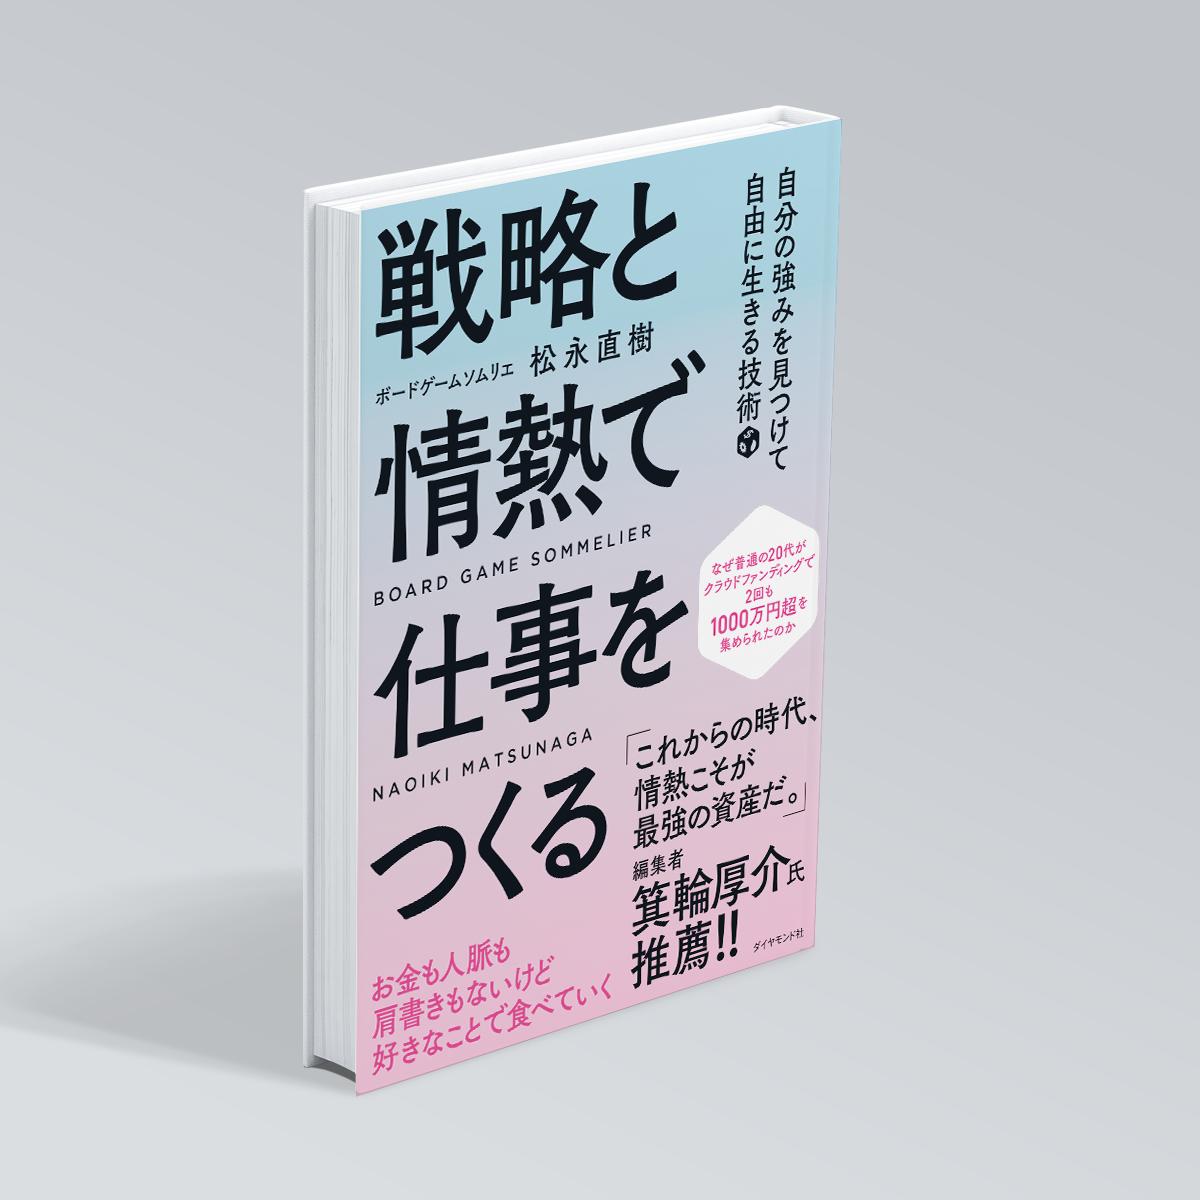 ボードゲームソムリエ 松永直樹の初著書が出版されました!